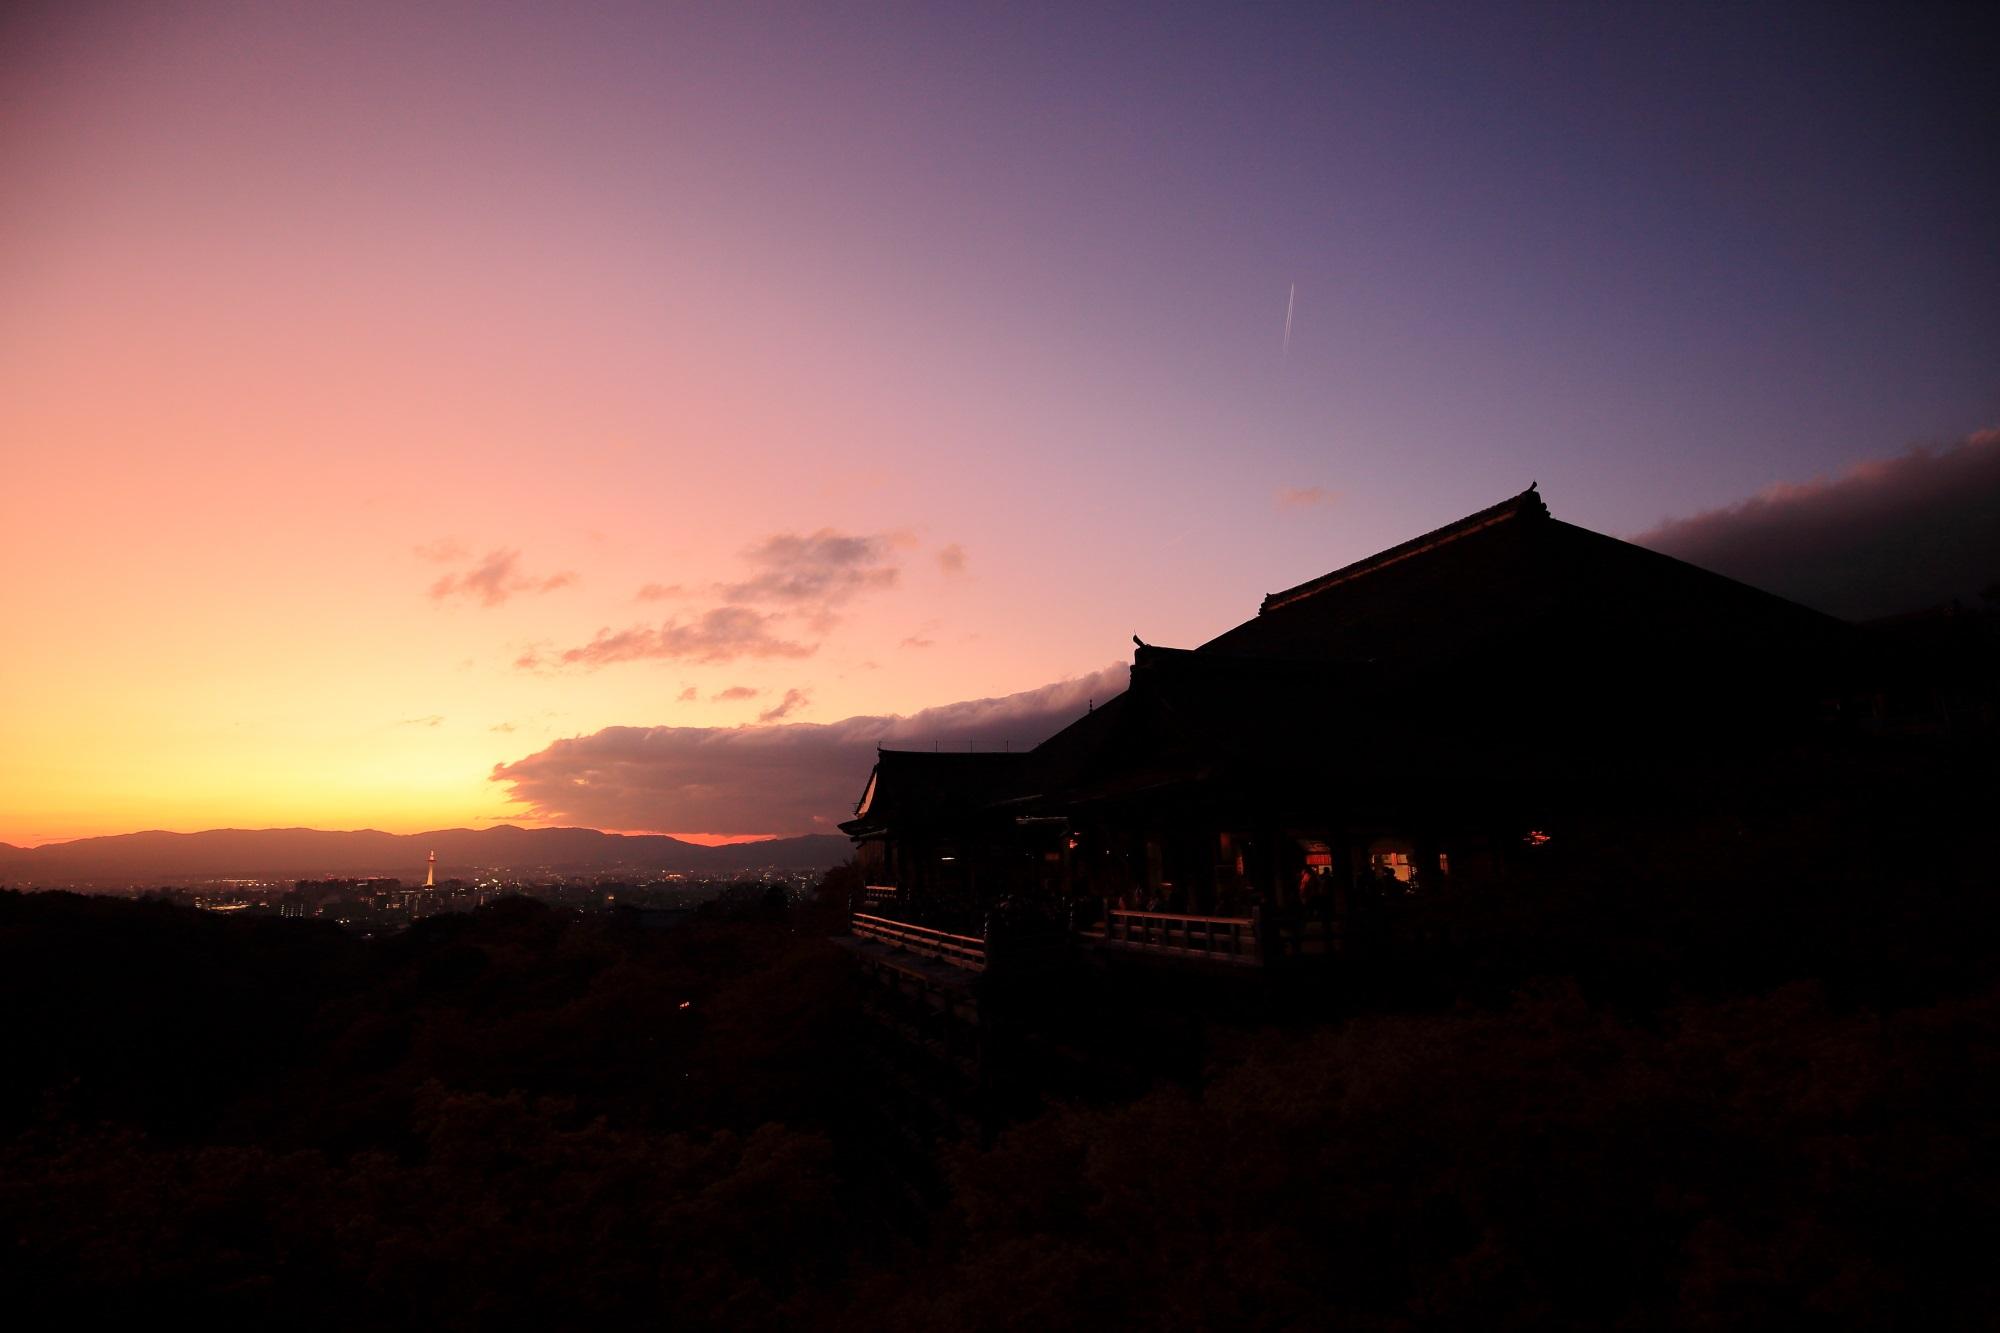 紅葉につつまれた清水寺の夕陽と夕焼けの絶景